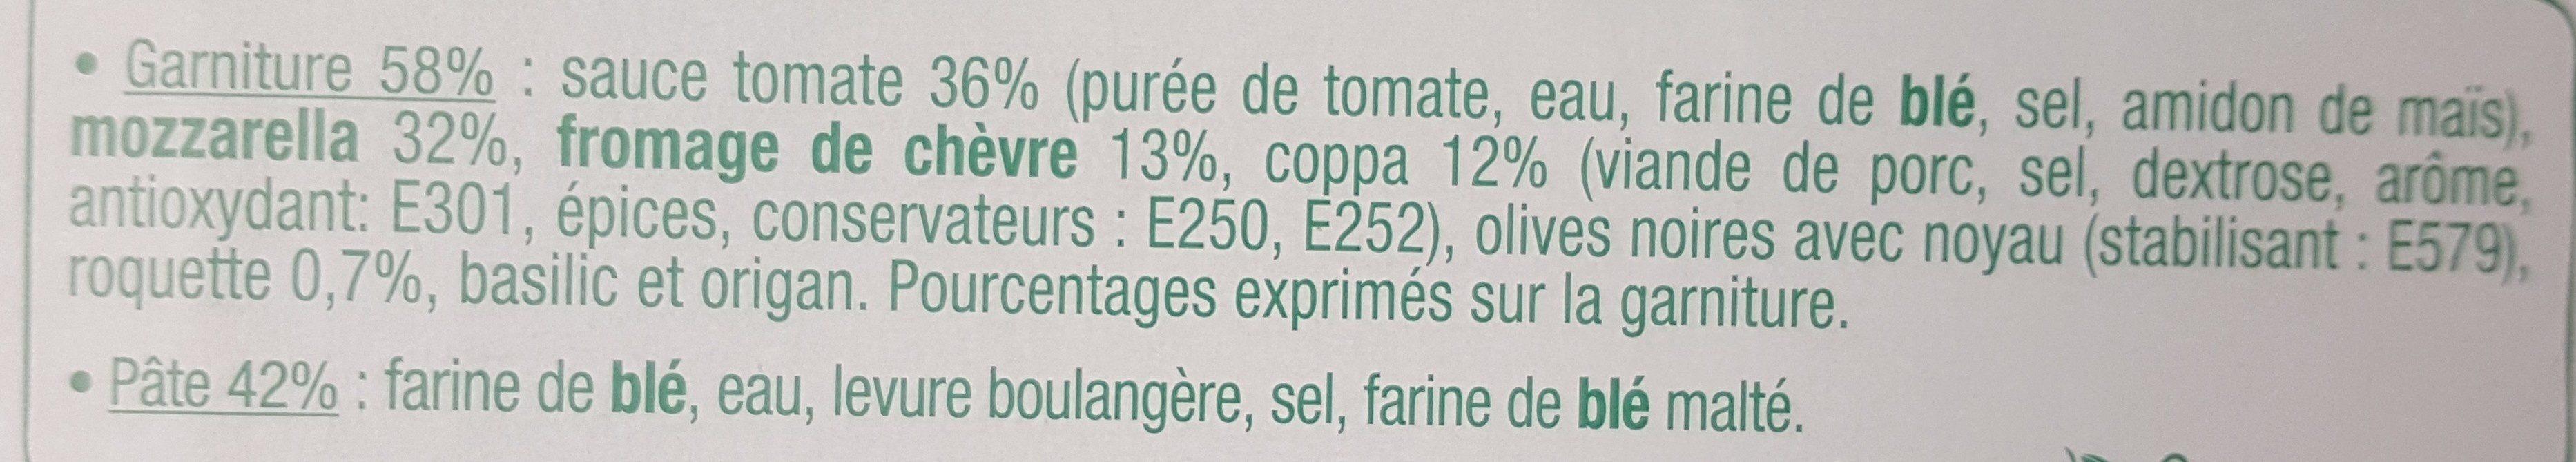 Dolce Pizza - Capri - Ingredients